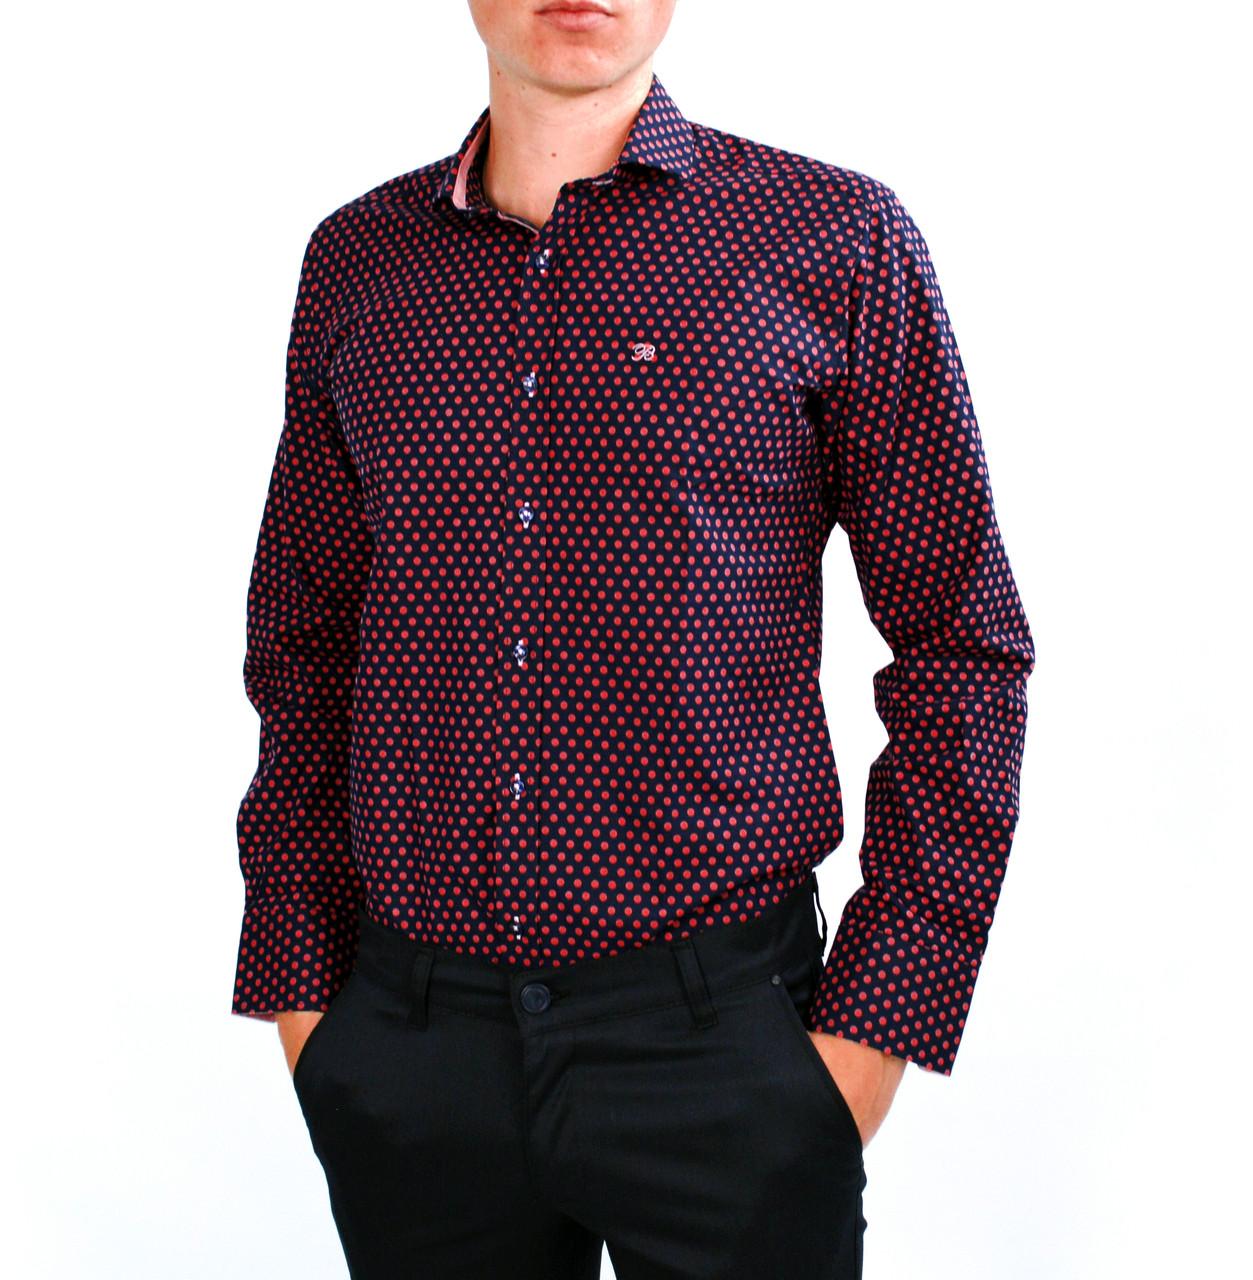 cf35911f838 Темно-синяя в красный горошек мужская рубашка классическая B.Z.N. ...